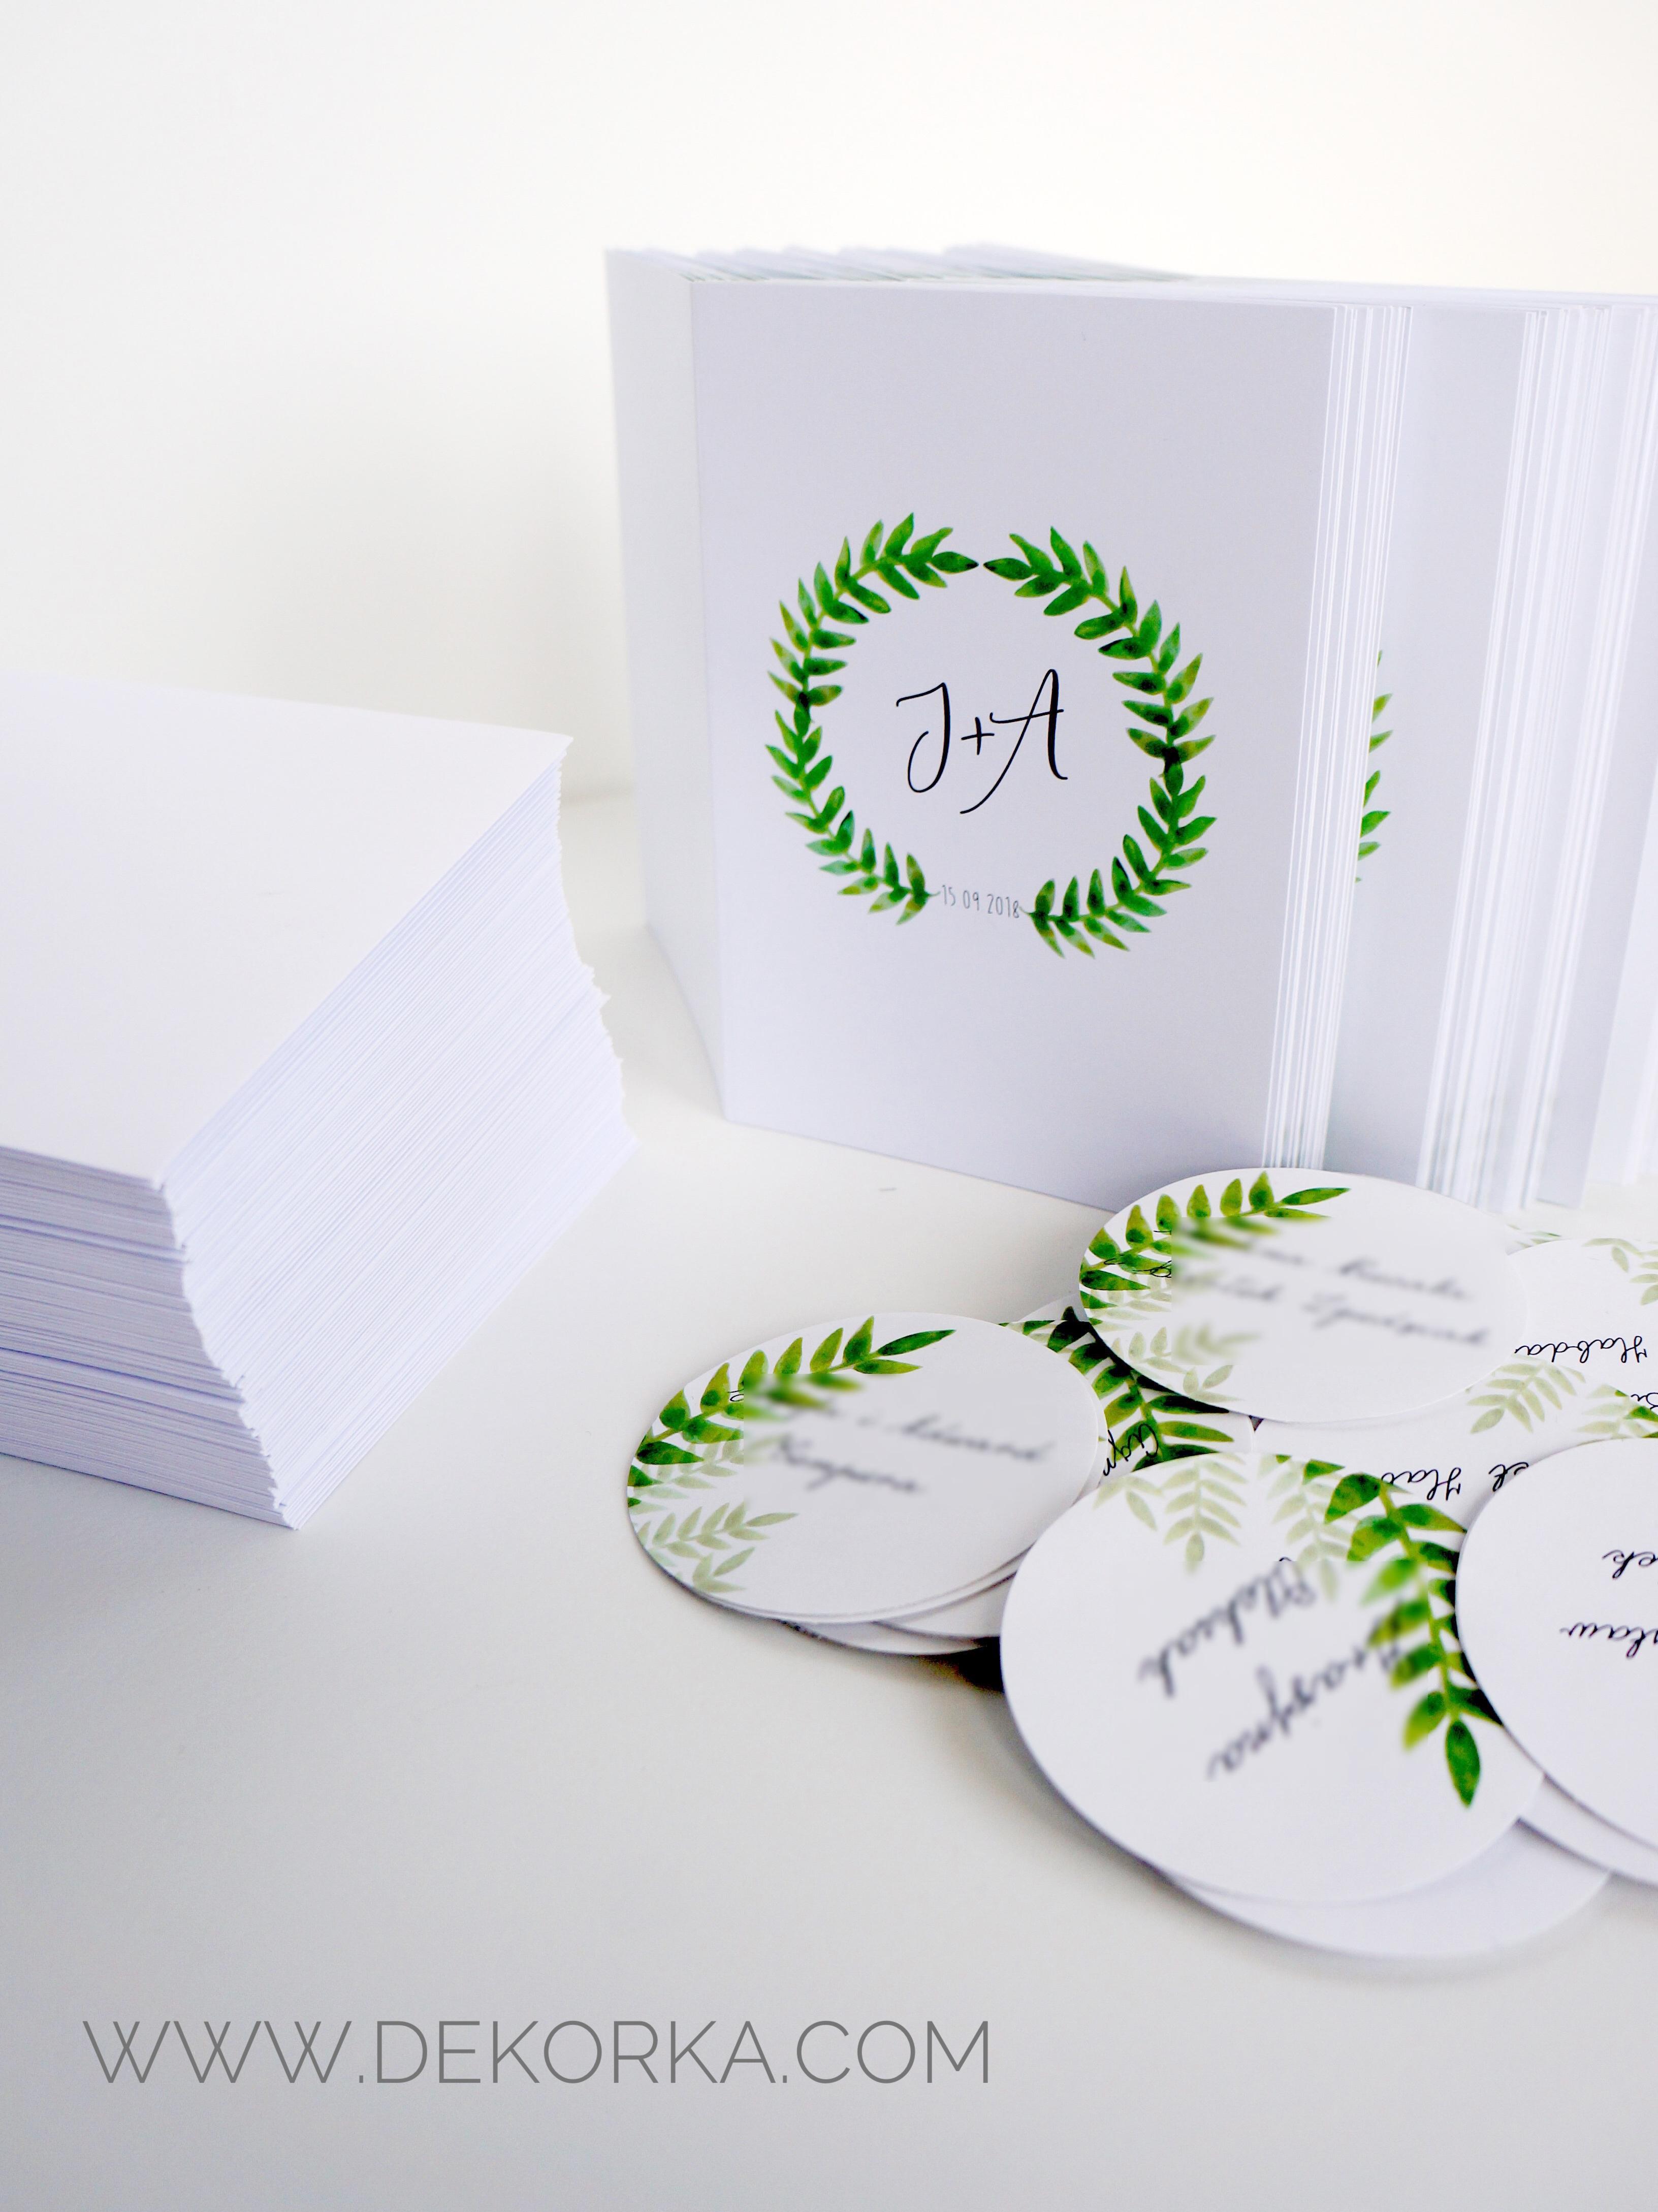 dekorka.com paprocie zielone